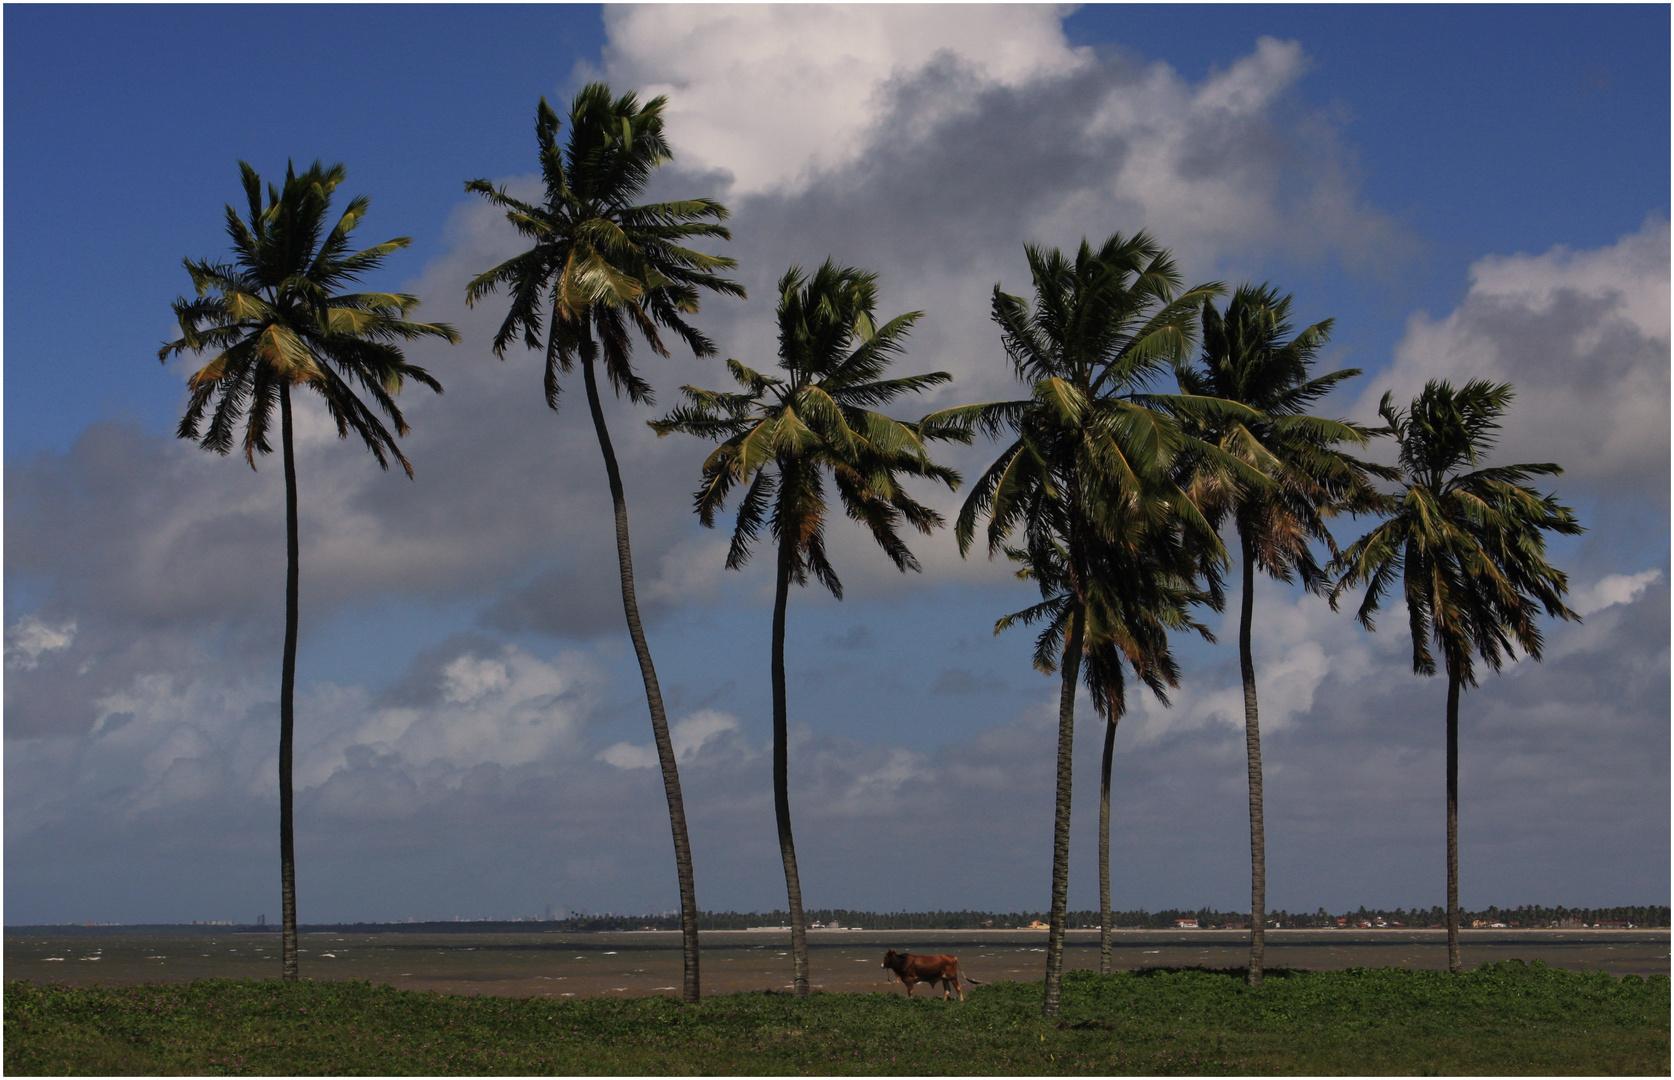 The Seven Coconuts Tree, in Lucena, Joao Pessoa, Brazil